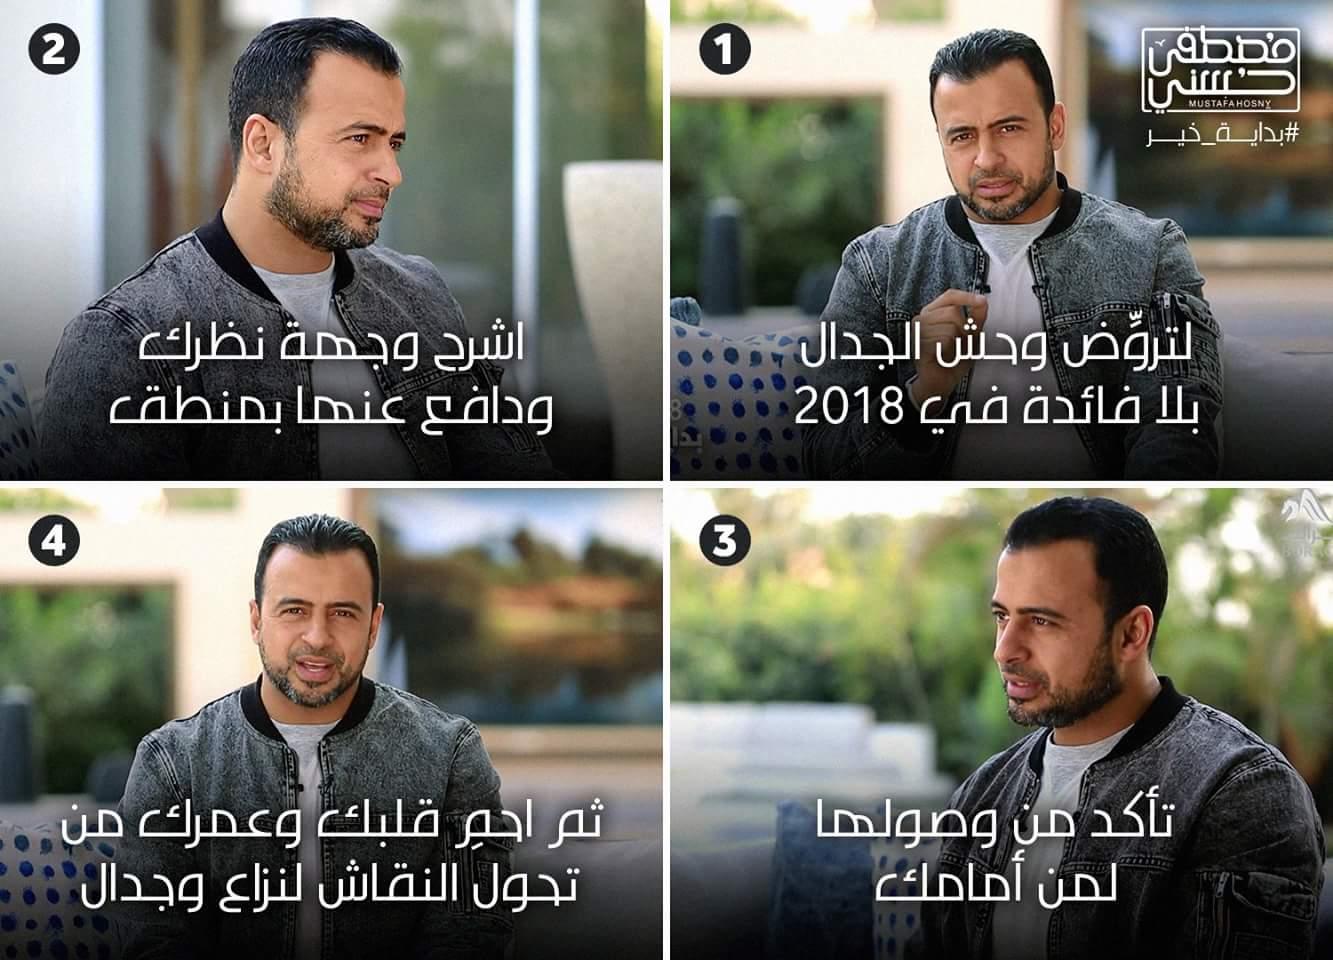 mustafa hosny on twitter لترو ض وحش الجدال بلا فائدة في 2018